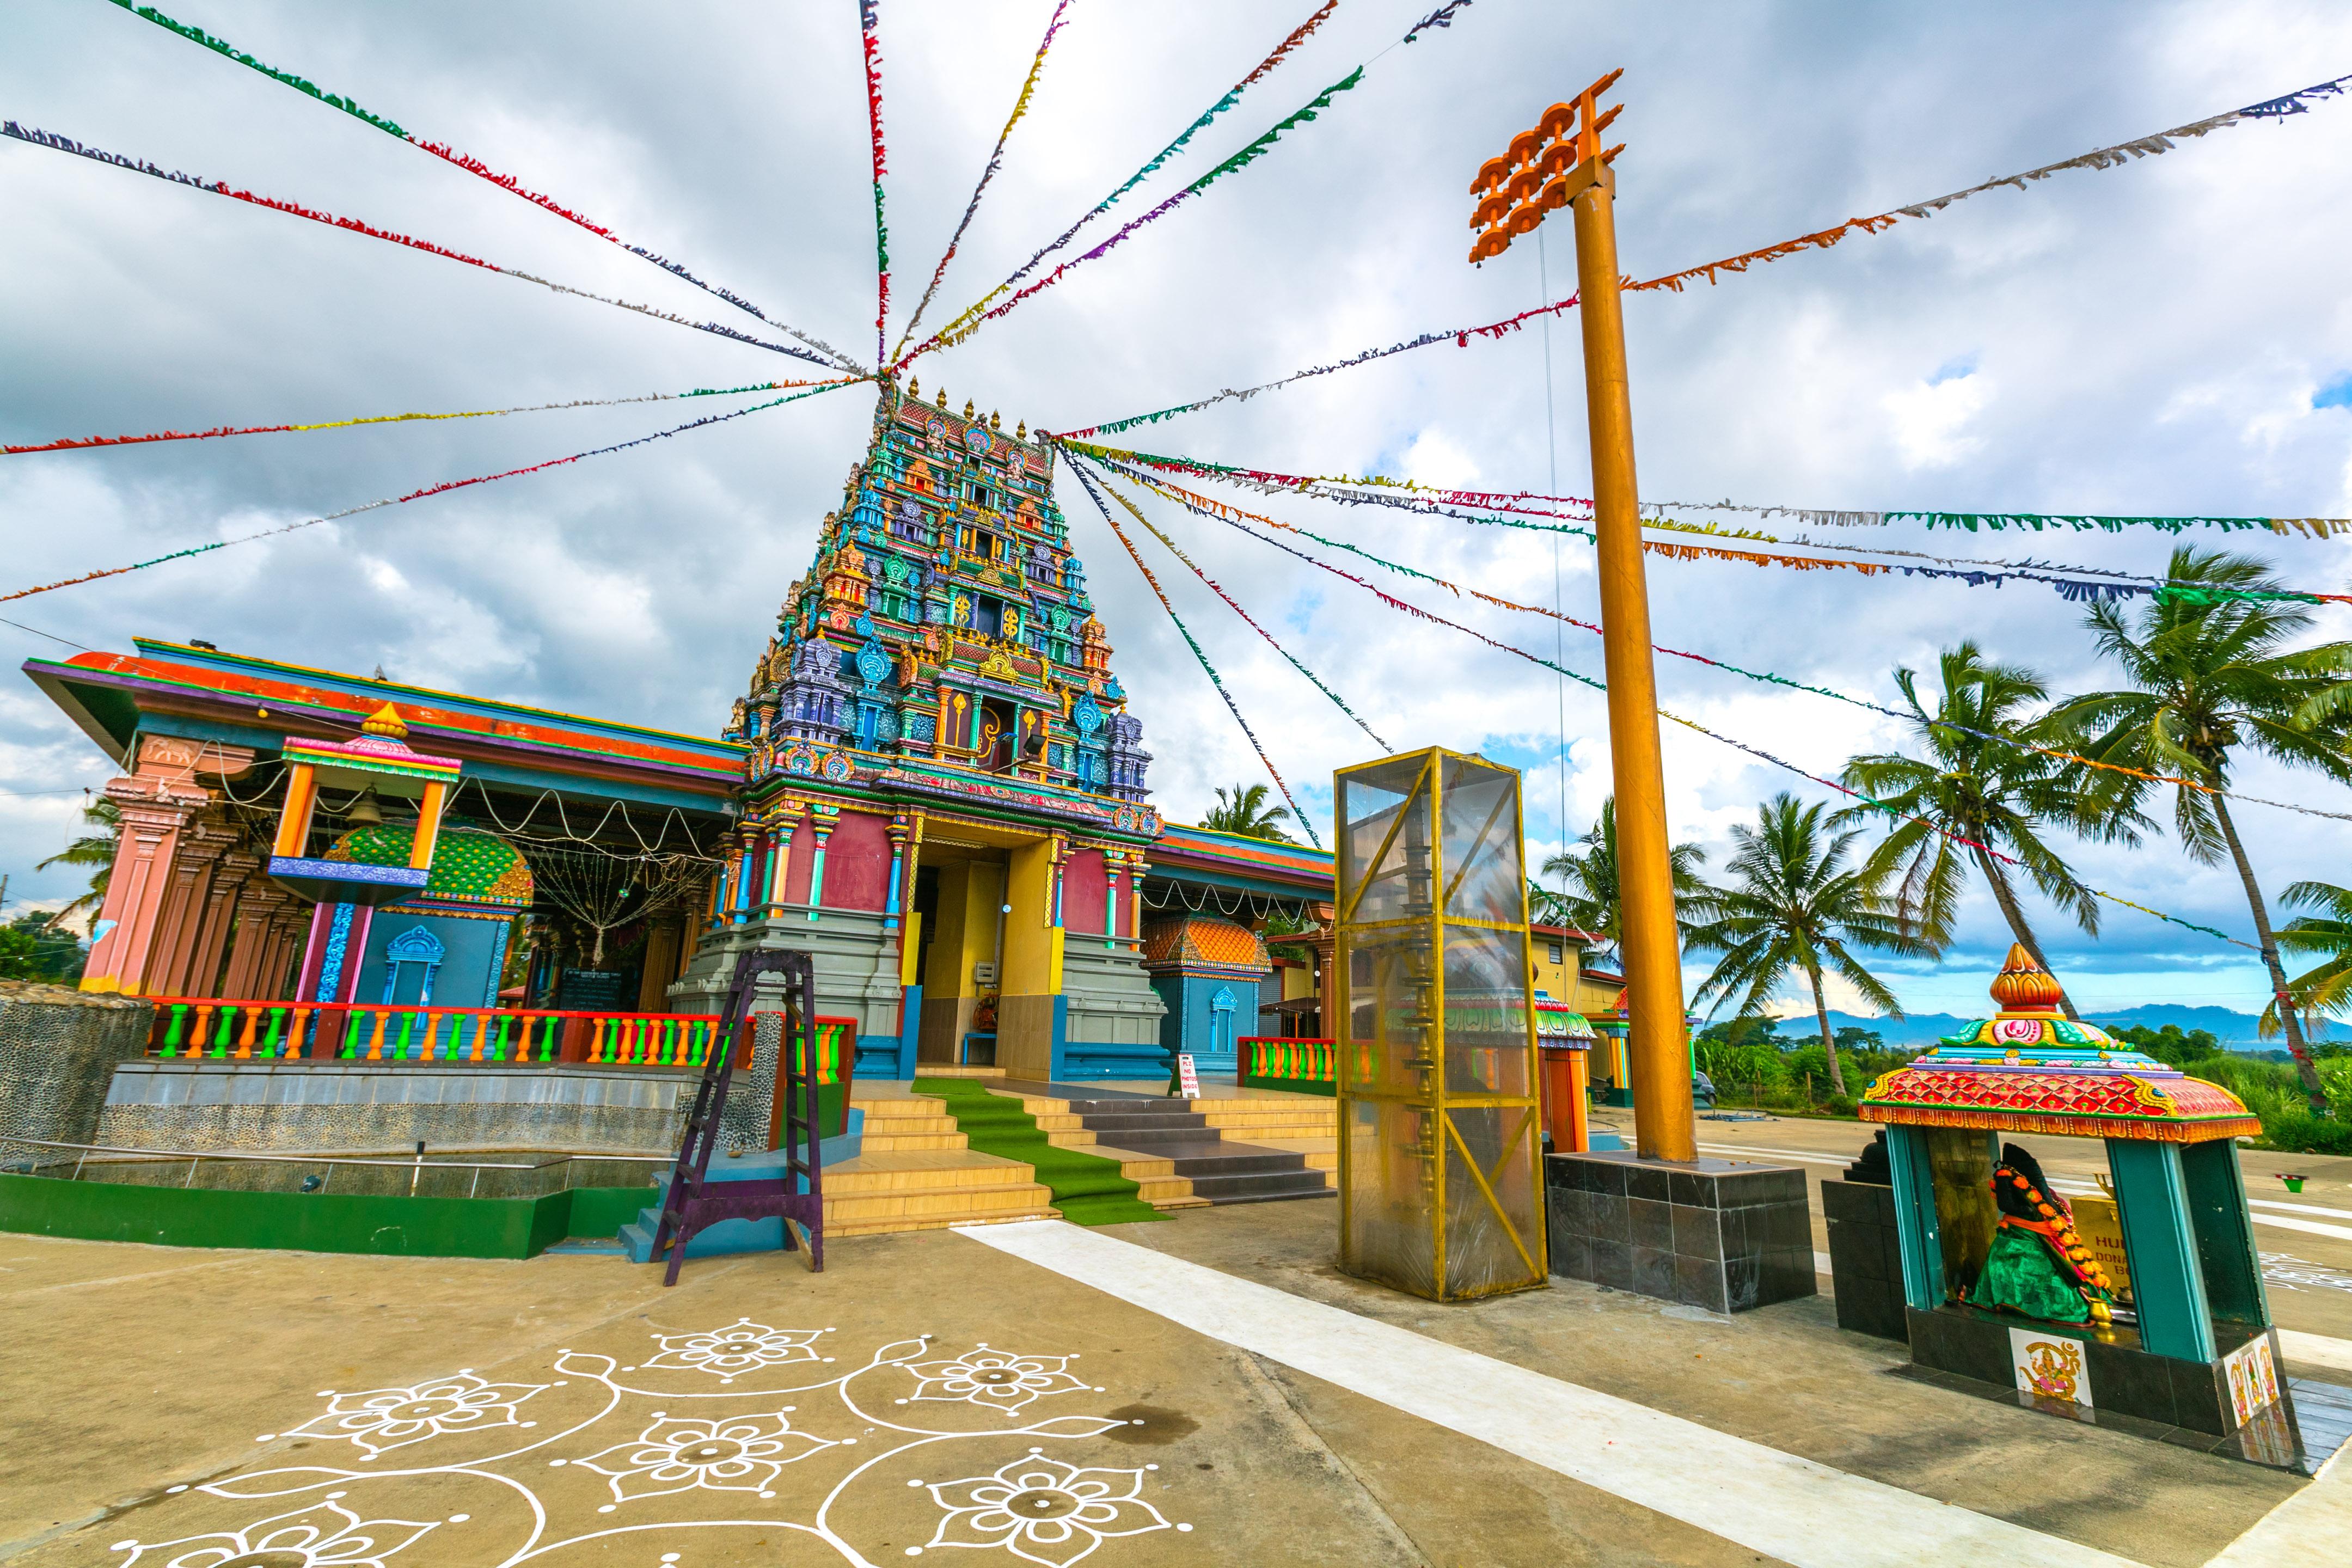 沙巴馬尼亞濕婆廟  Sri Siva Subramaniya Swami Temple   -0